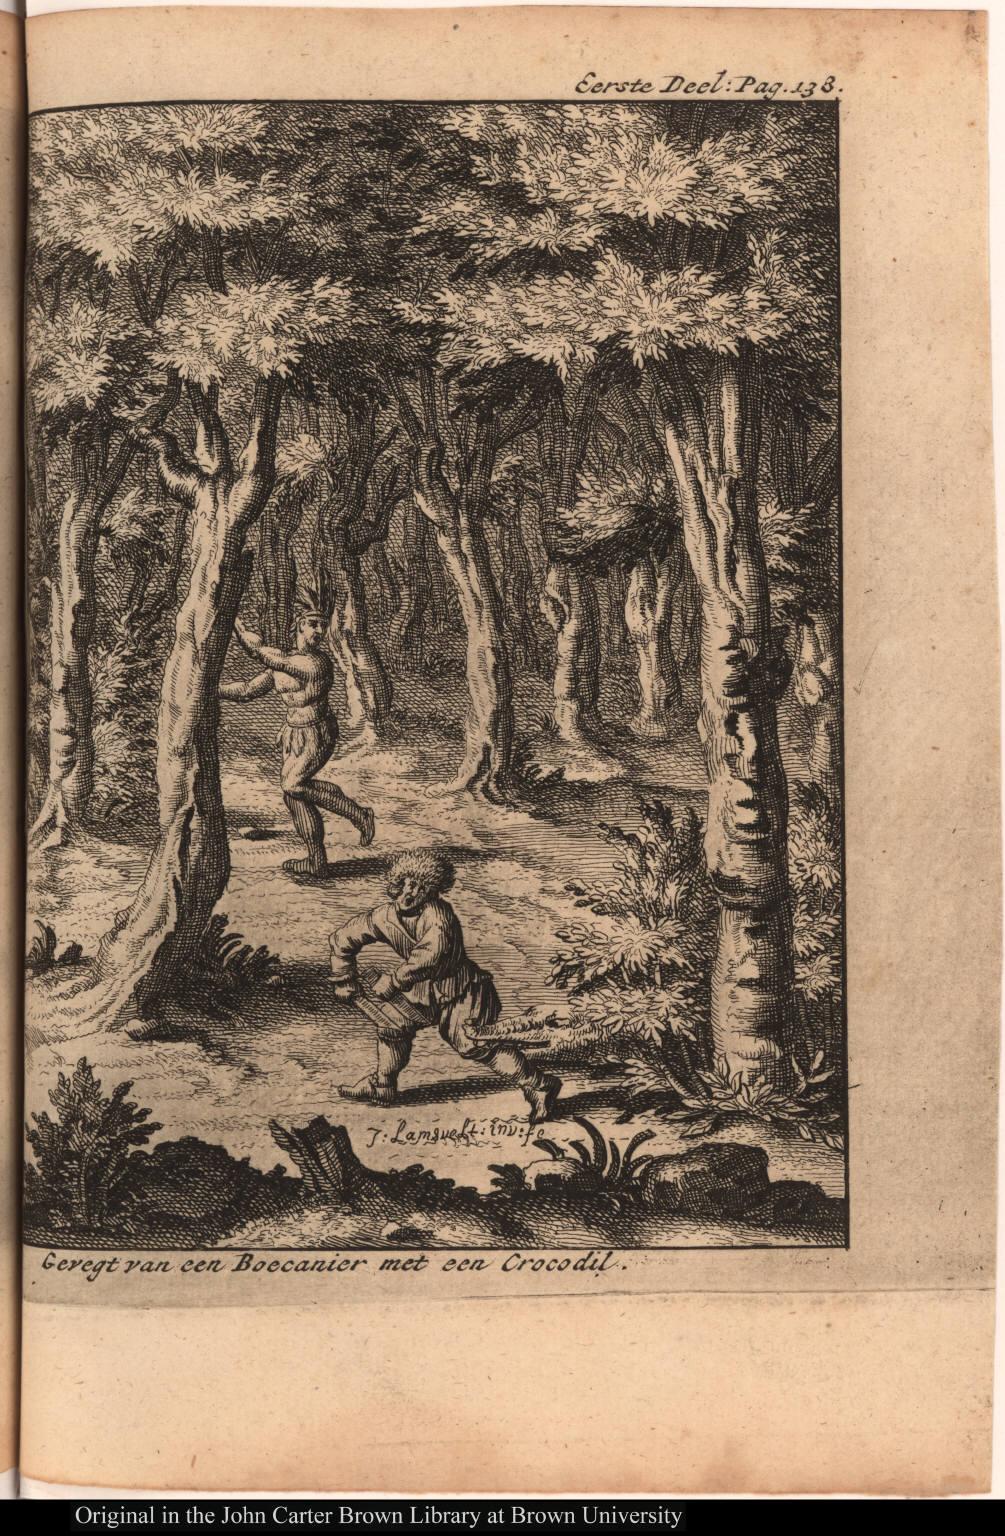 Geregt van een Boecanier met een Crocodil.